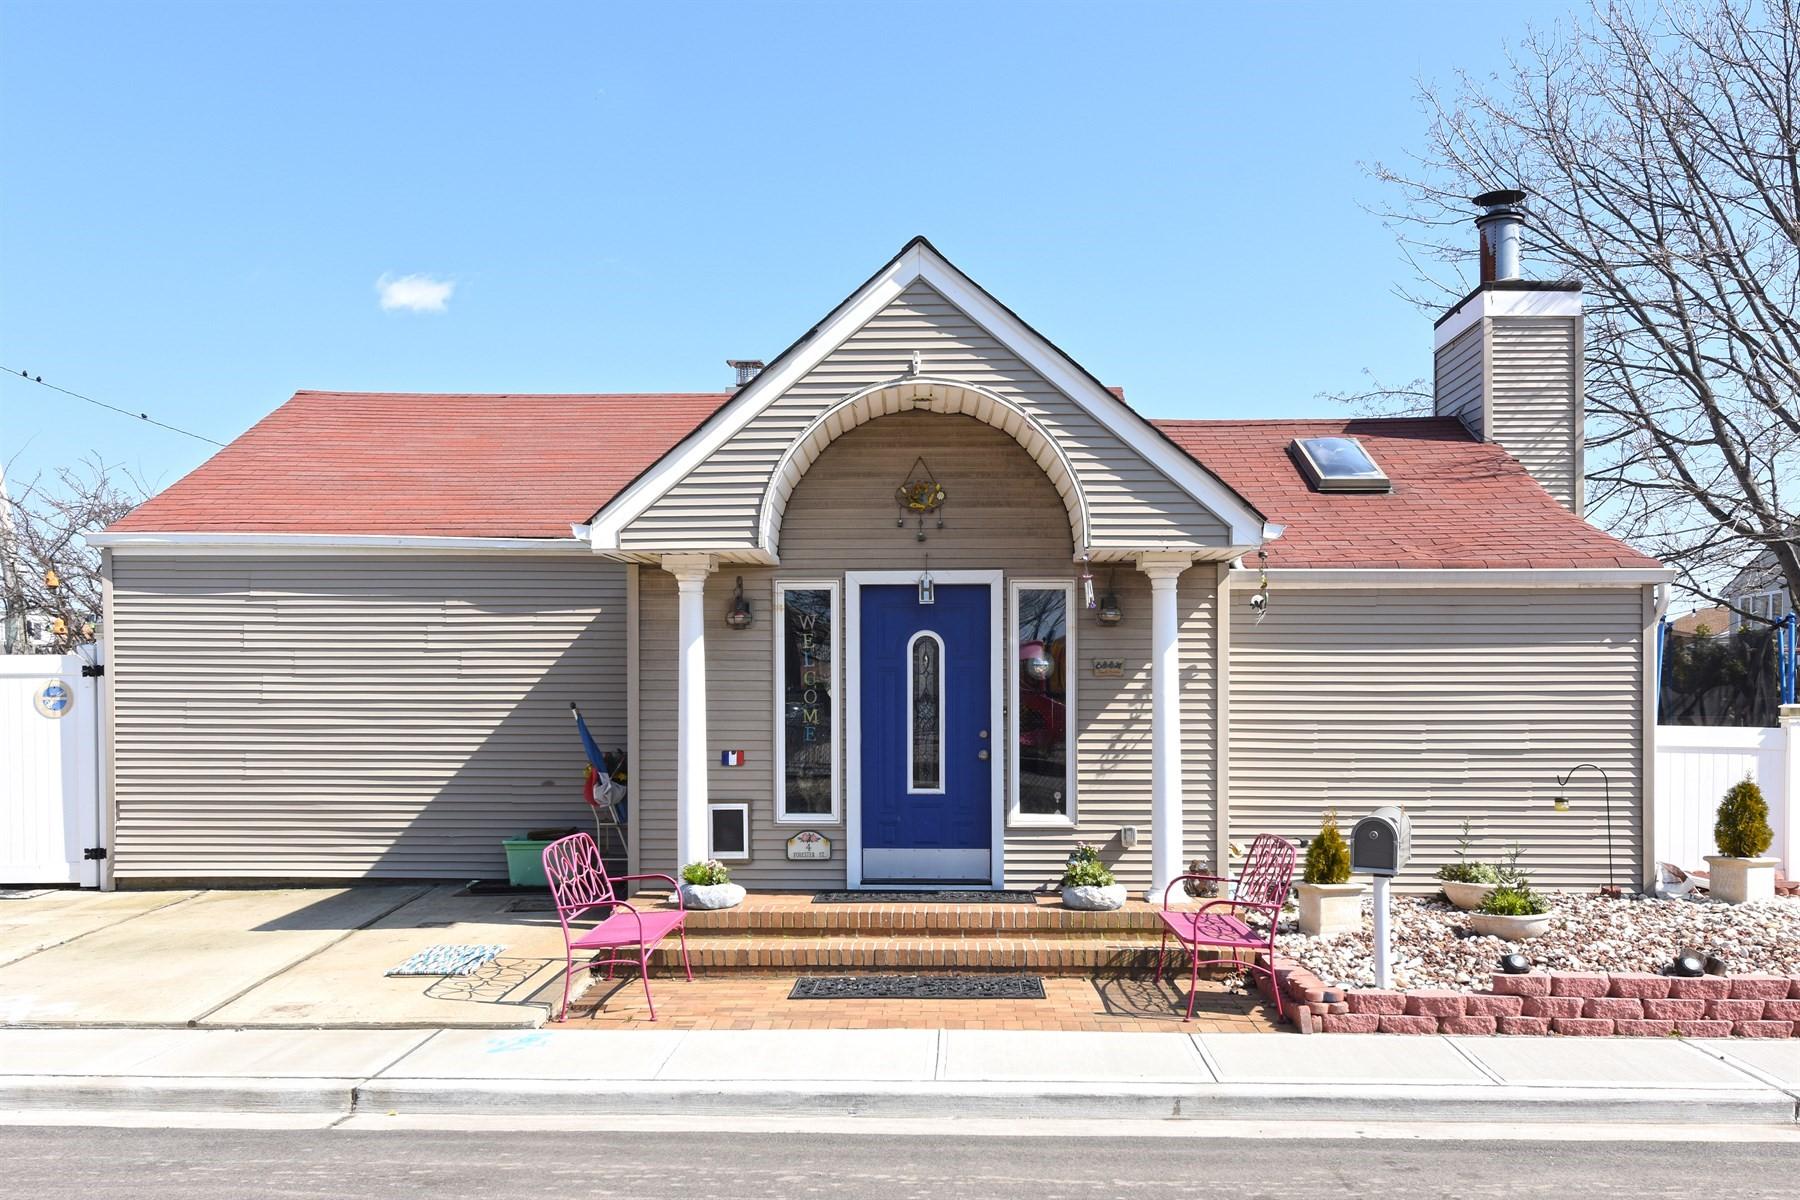 Частный односемейный дом для того Продажа на 4 Forester St , Long Beach, NY 11561 4 Forester St Long Beach, Нью-Йорк 11561 Соединенные Штаты